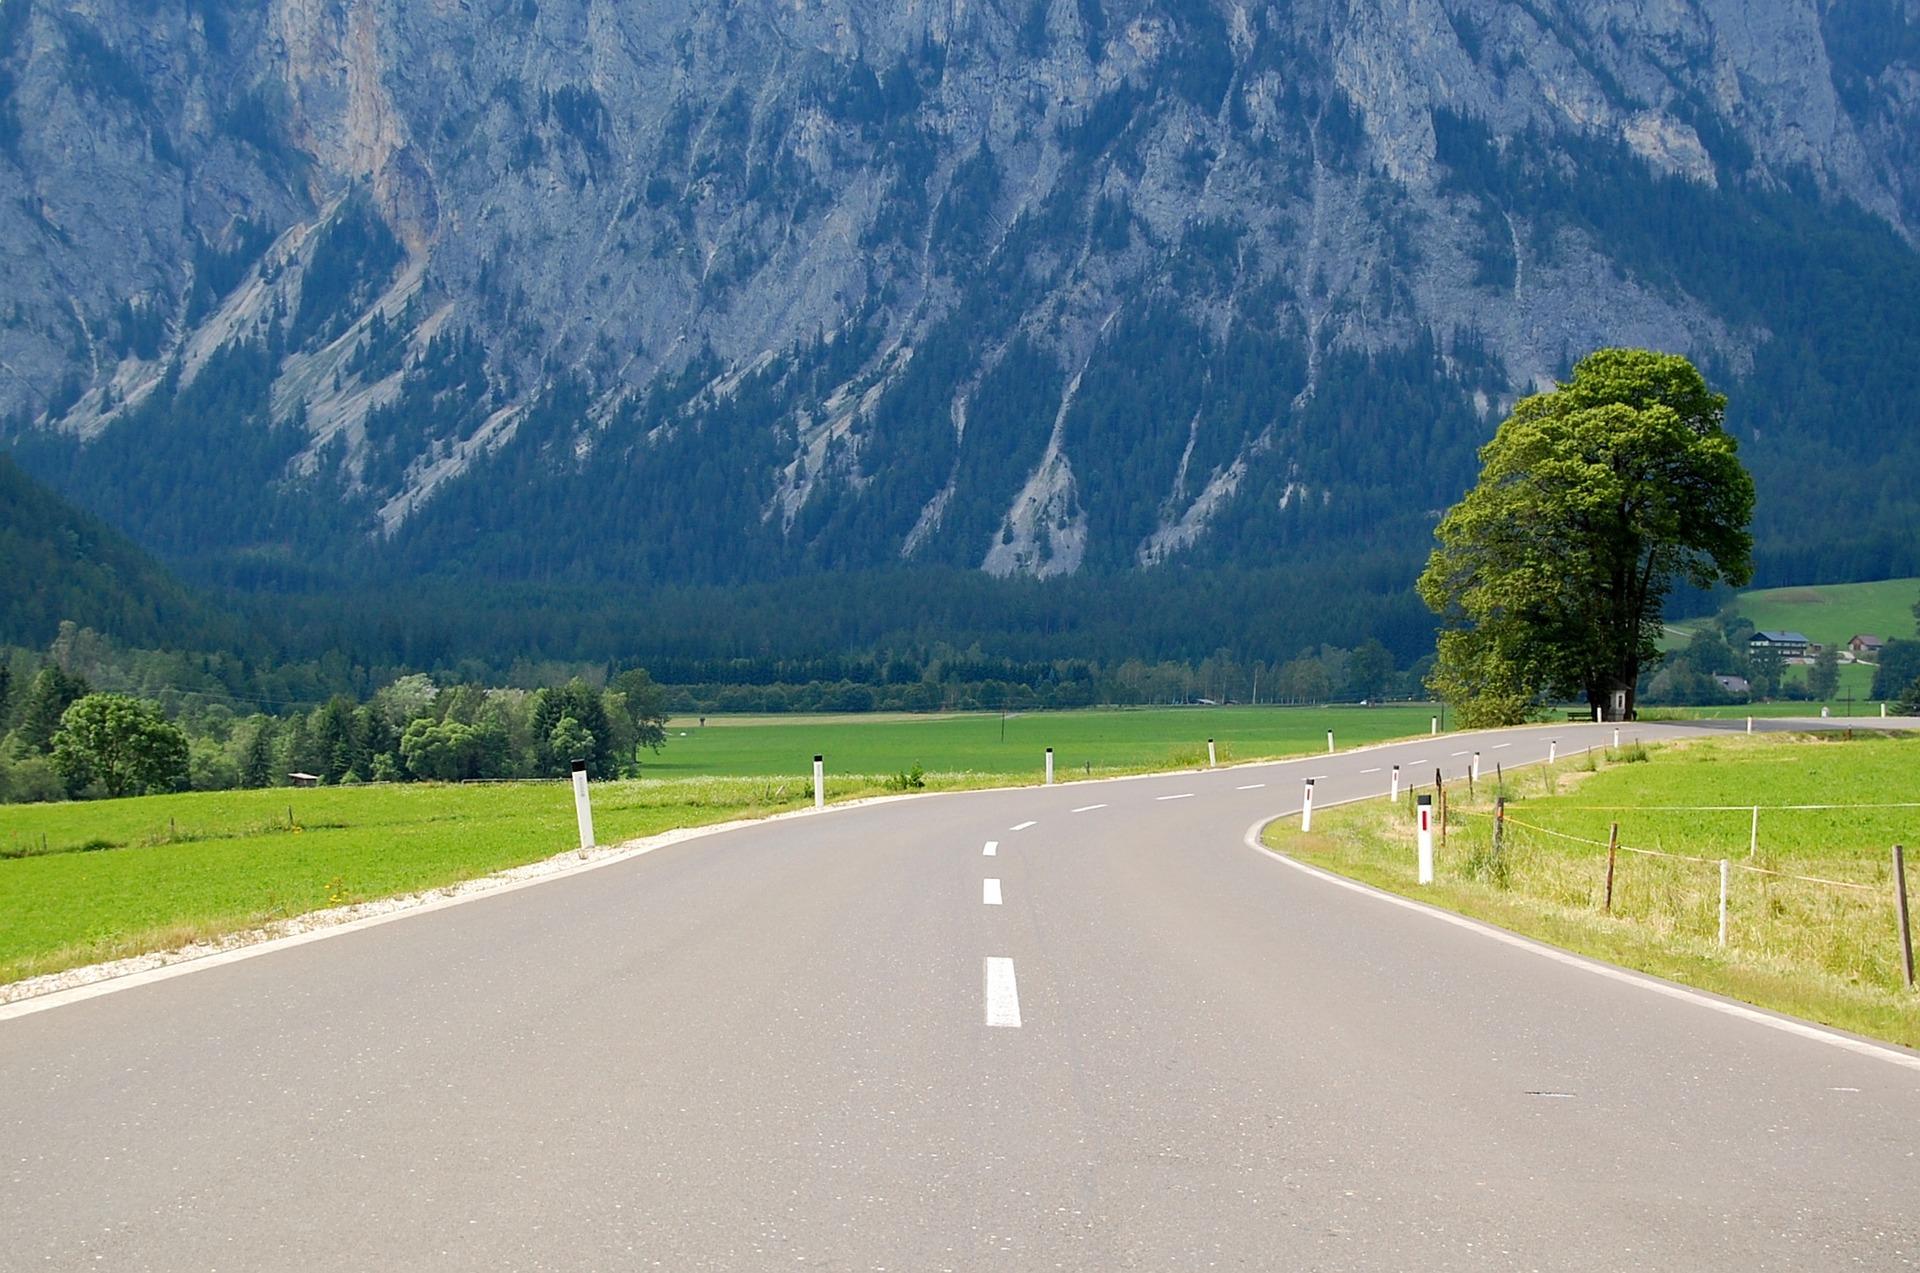 road-3410564_1920.jpg